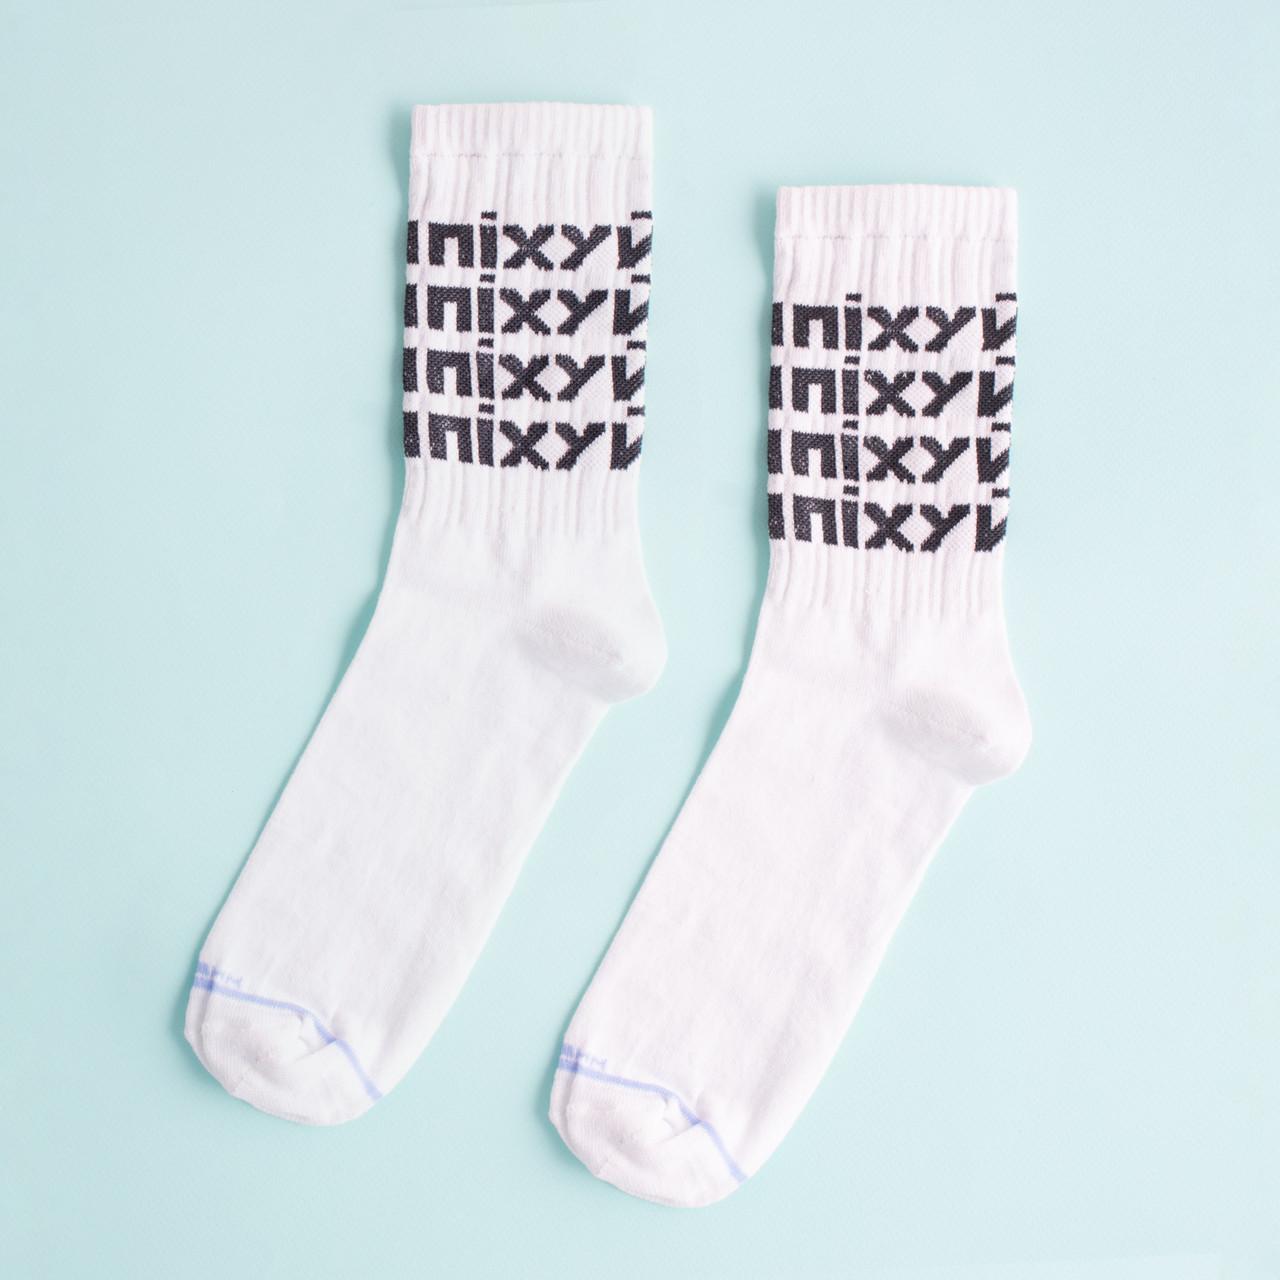 """Шкарпетки білі чоловічі з принтом """"ПІХУЙ"""""""